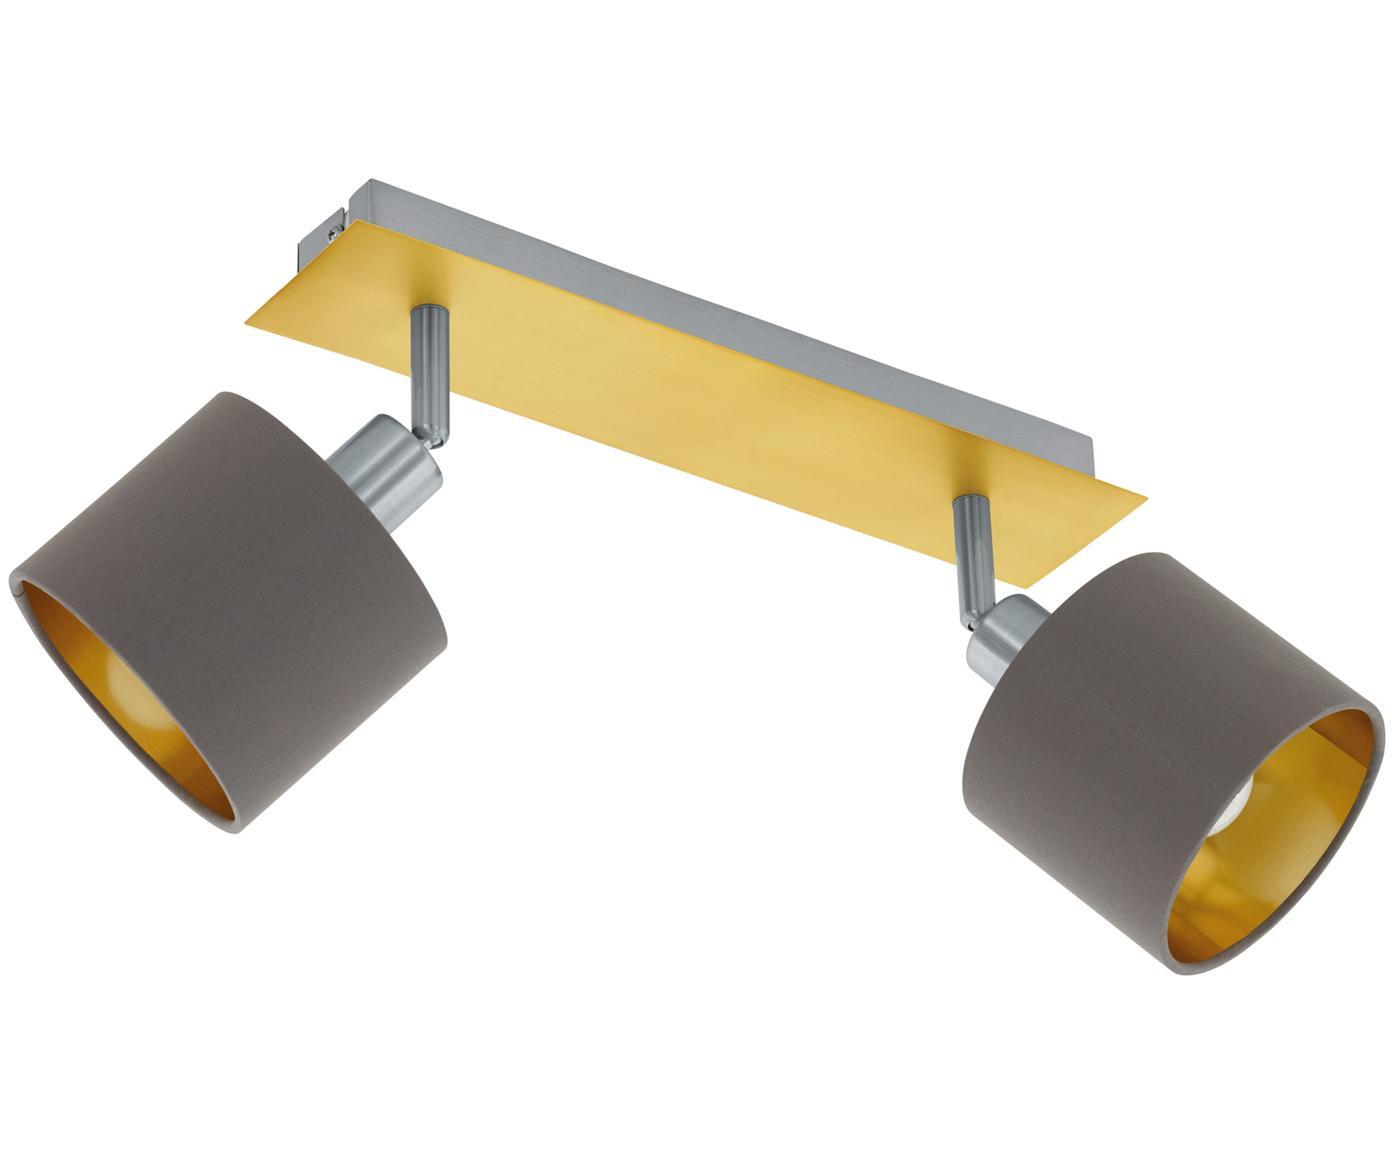 Faretti da soffitto Valbiano, Paralume: poliestere, Baldacchino: acciaio nichelato, ottone, Marrone, dorato, Larg. 32 x Alt. 14 cm